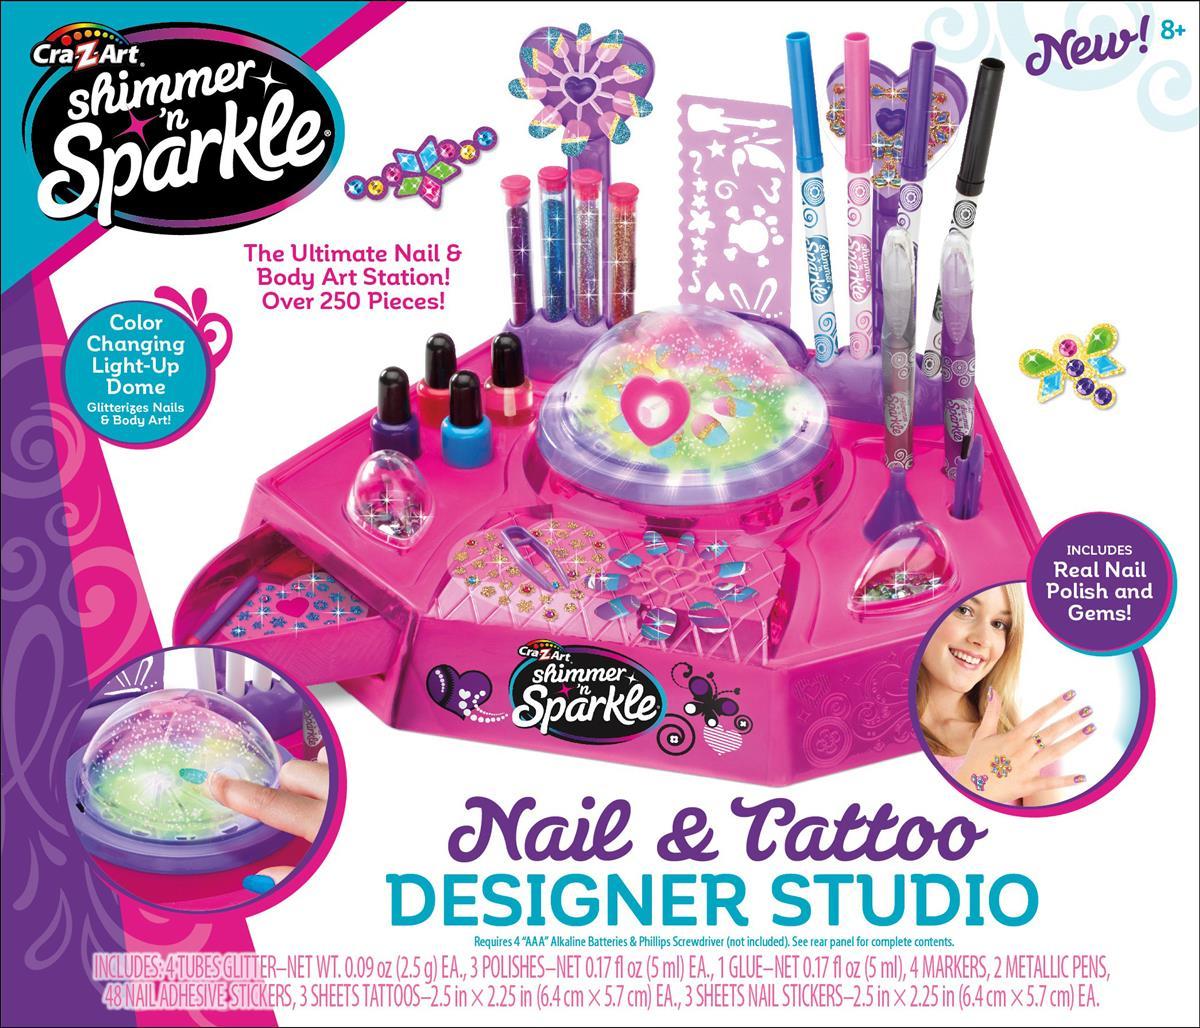 Shimmer & Sparkle - Nagel och Tattoo studio